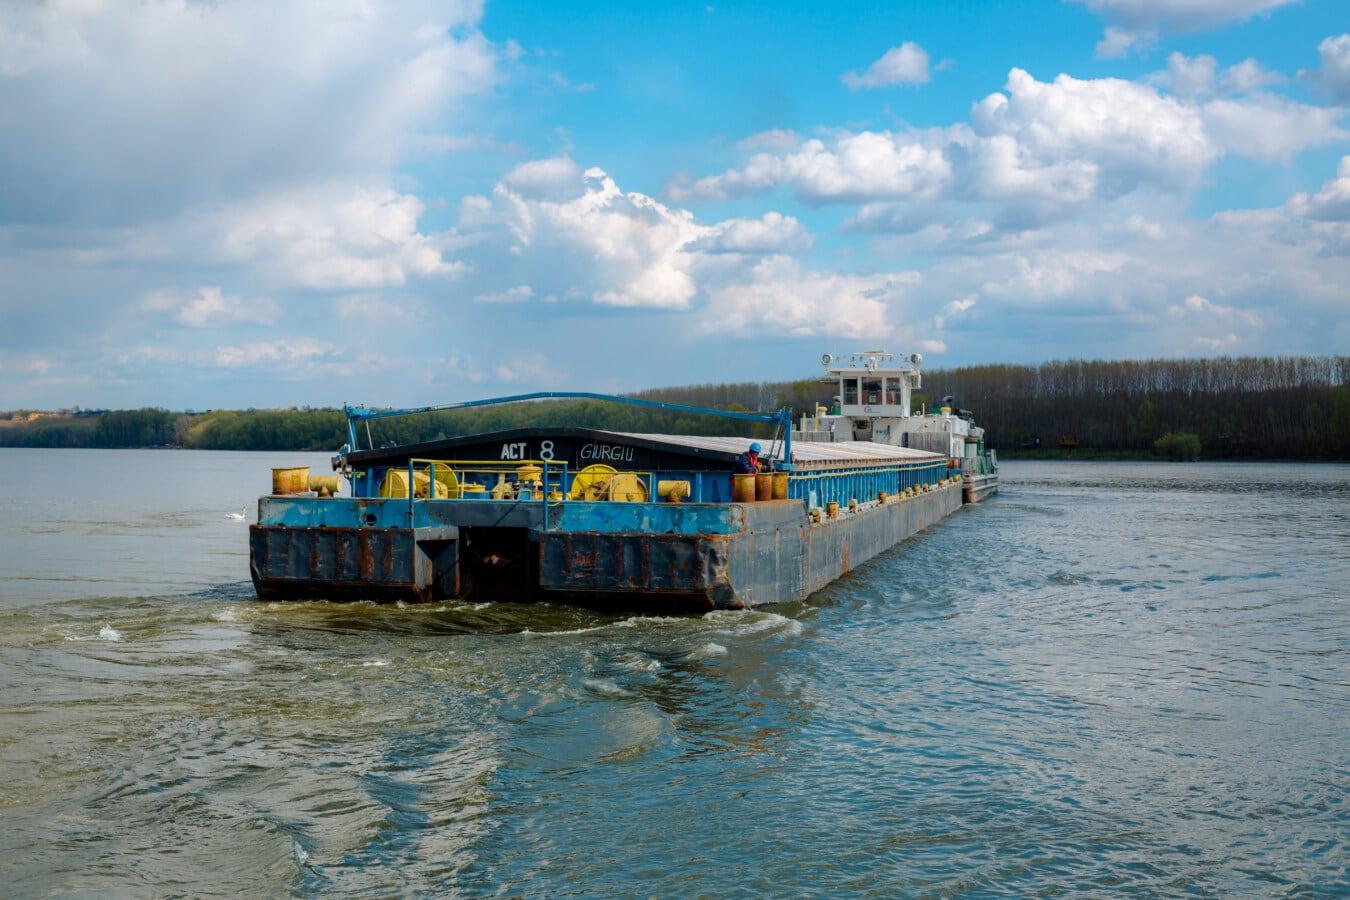 Frachtschiff, Lastkahn, Fluss, Danube, schwere, Transport, industrielle, Wasser, Wasserfahrzeuge, Schiff